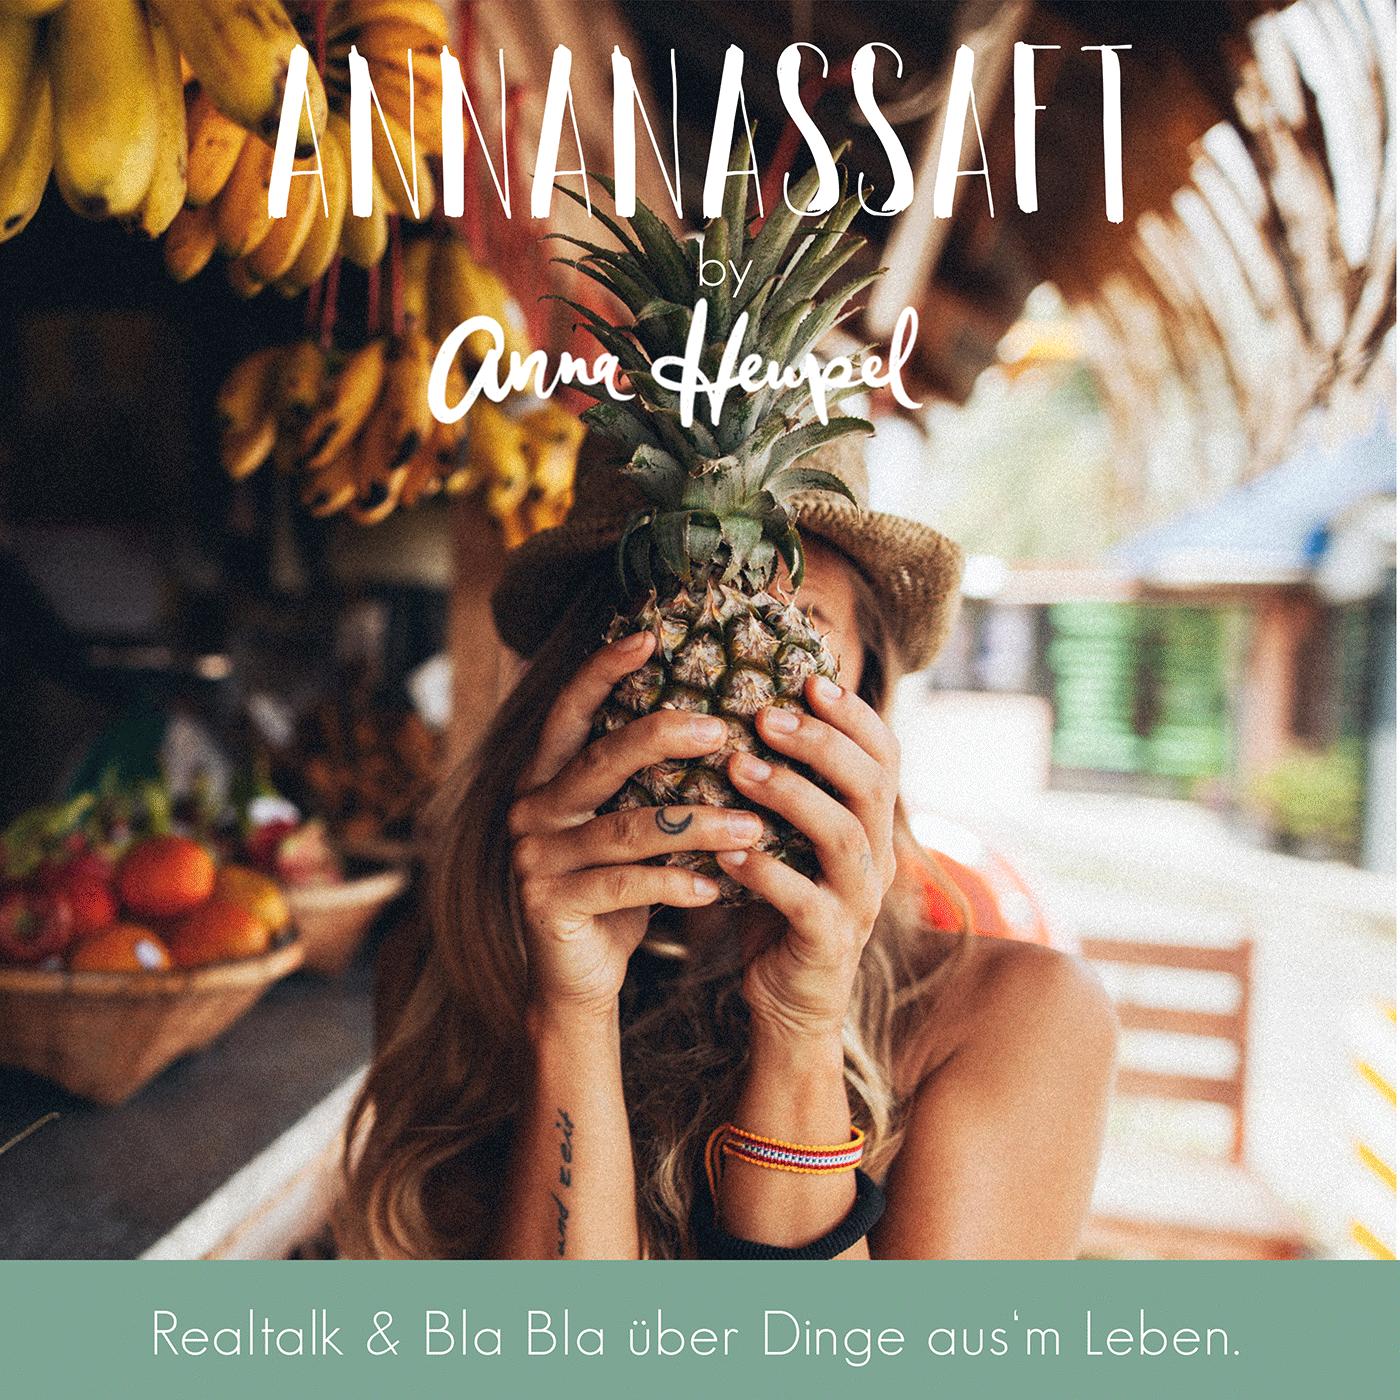 Annanassaft - Inspiration, Leben & Selbstständigkeit in der Fotografie